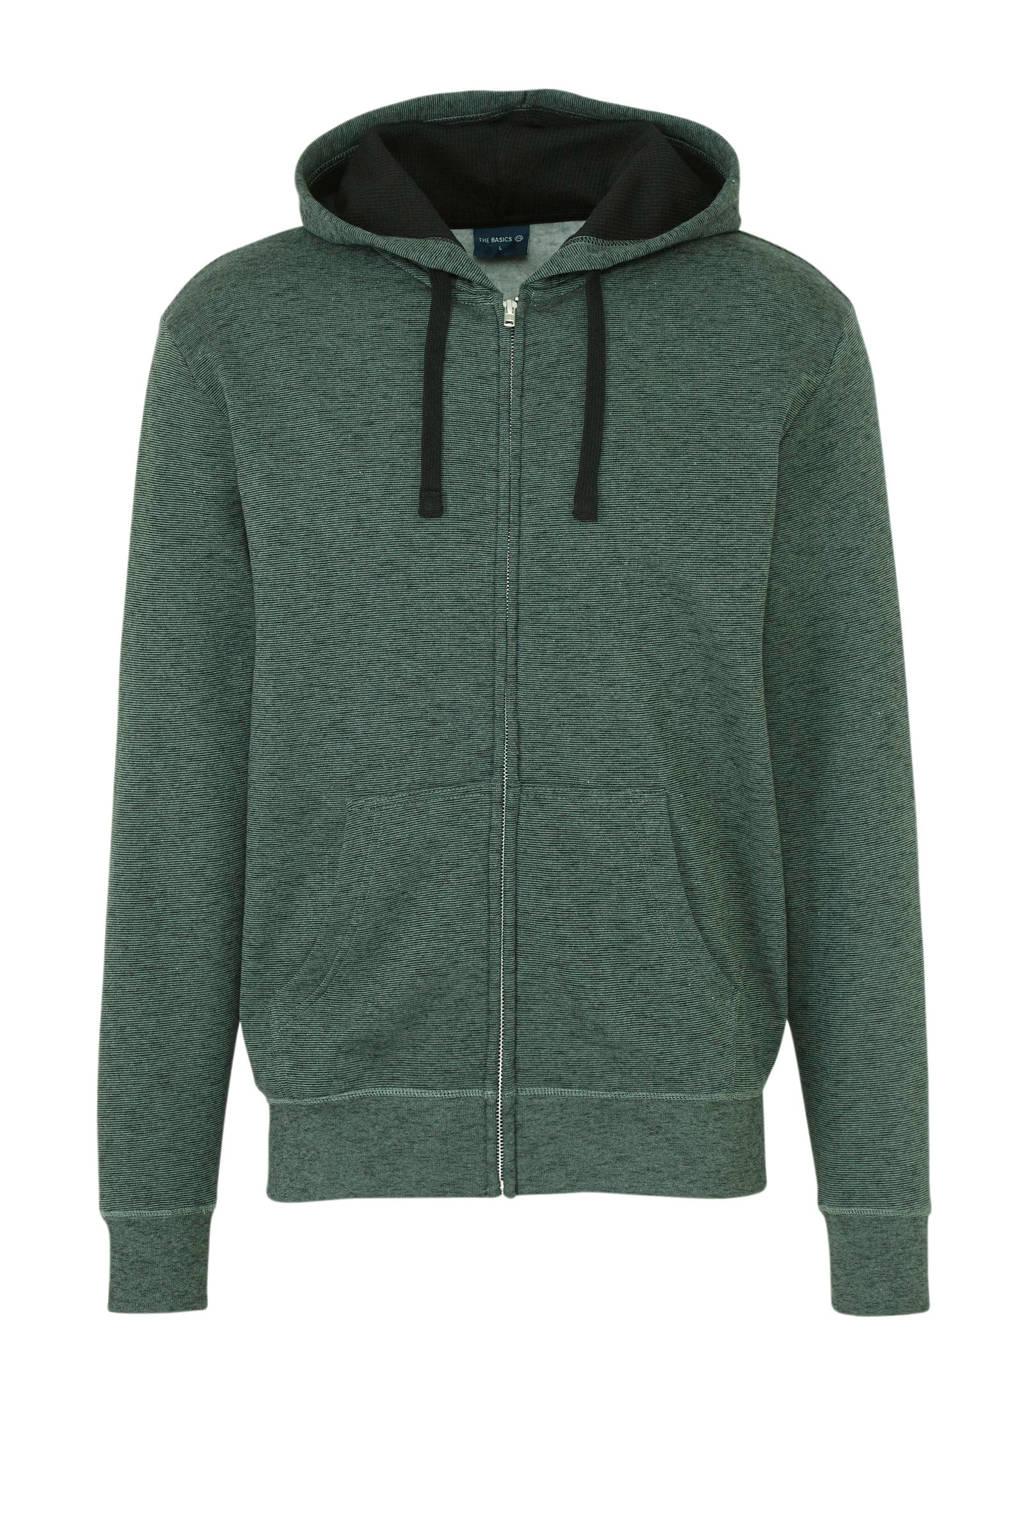 C&A Clockhouse gestreepte hoodie groen, Groen